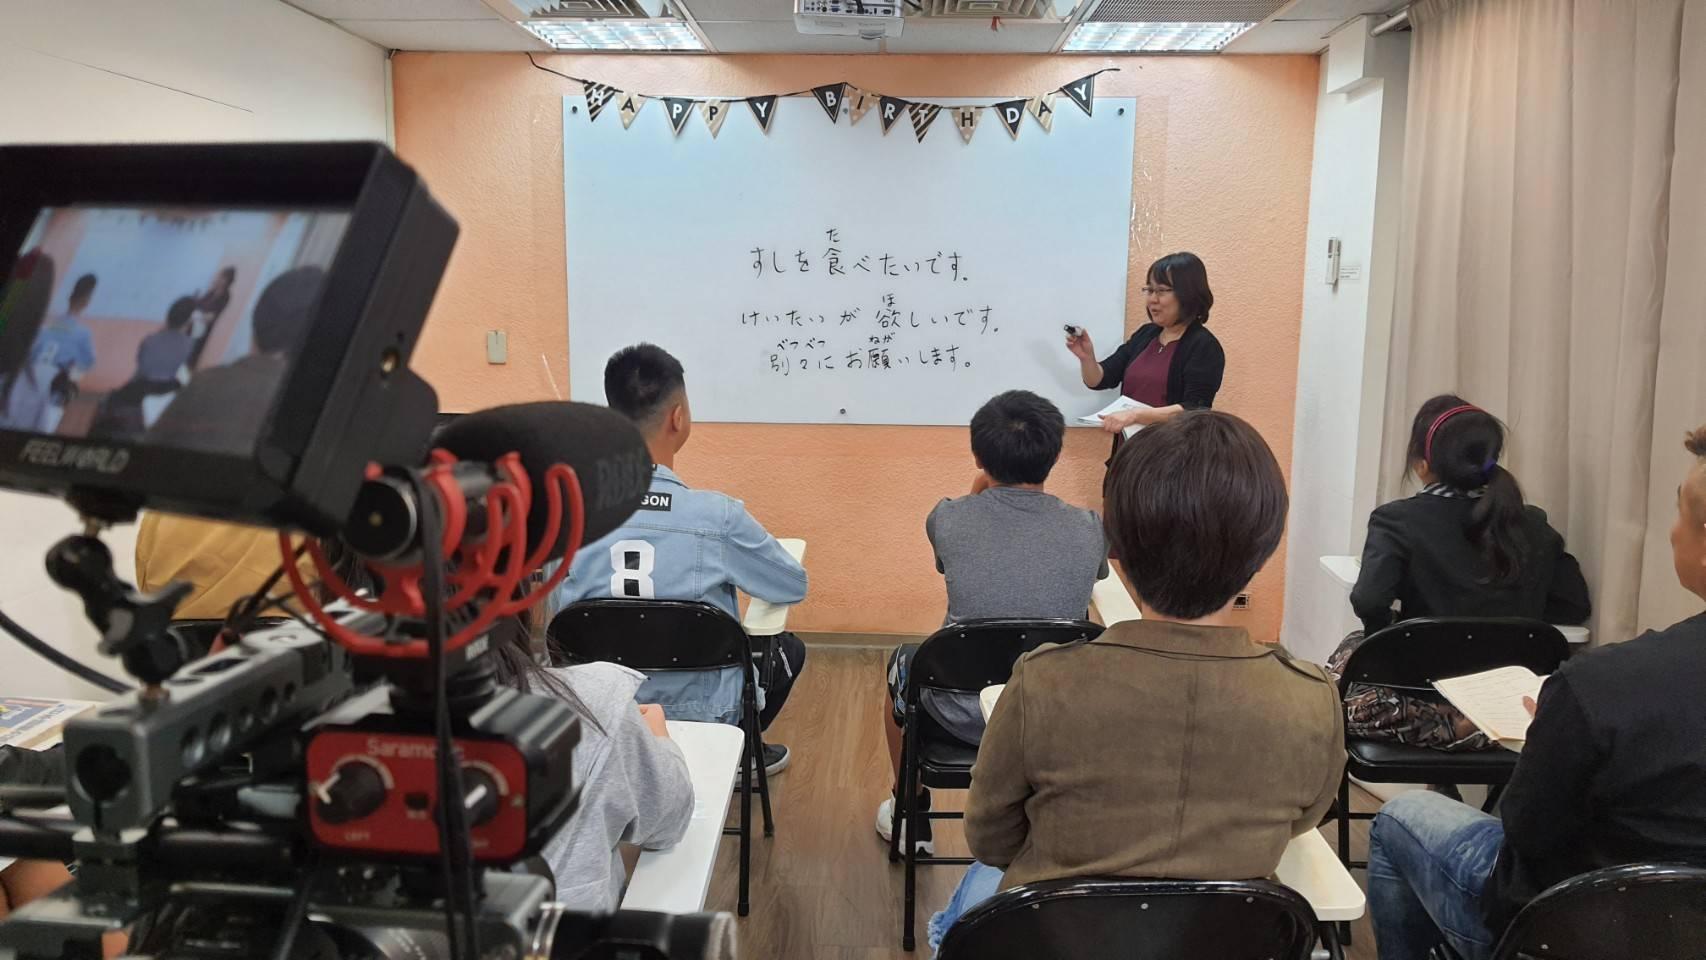 星澤國際-讓世界都看見-電視專訪節目-群筑外語